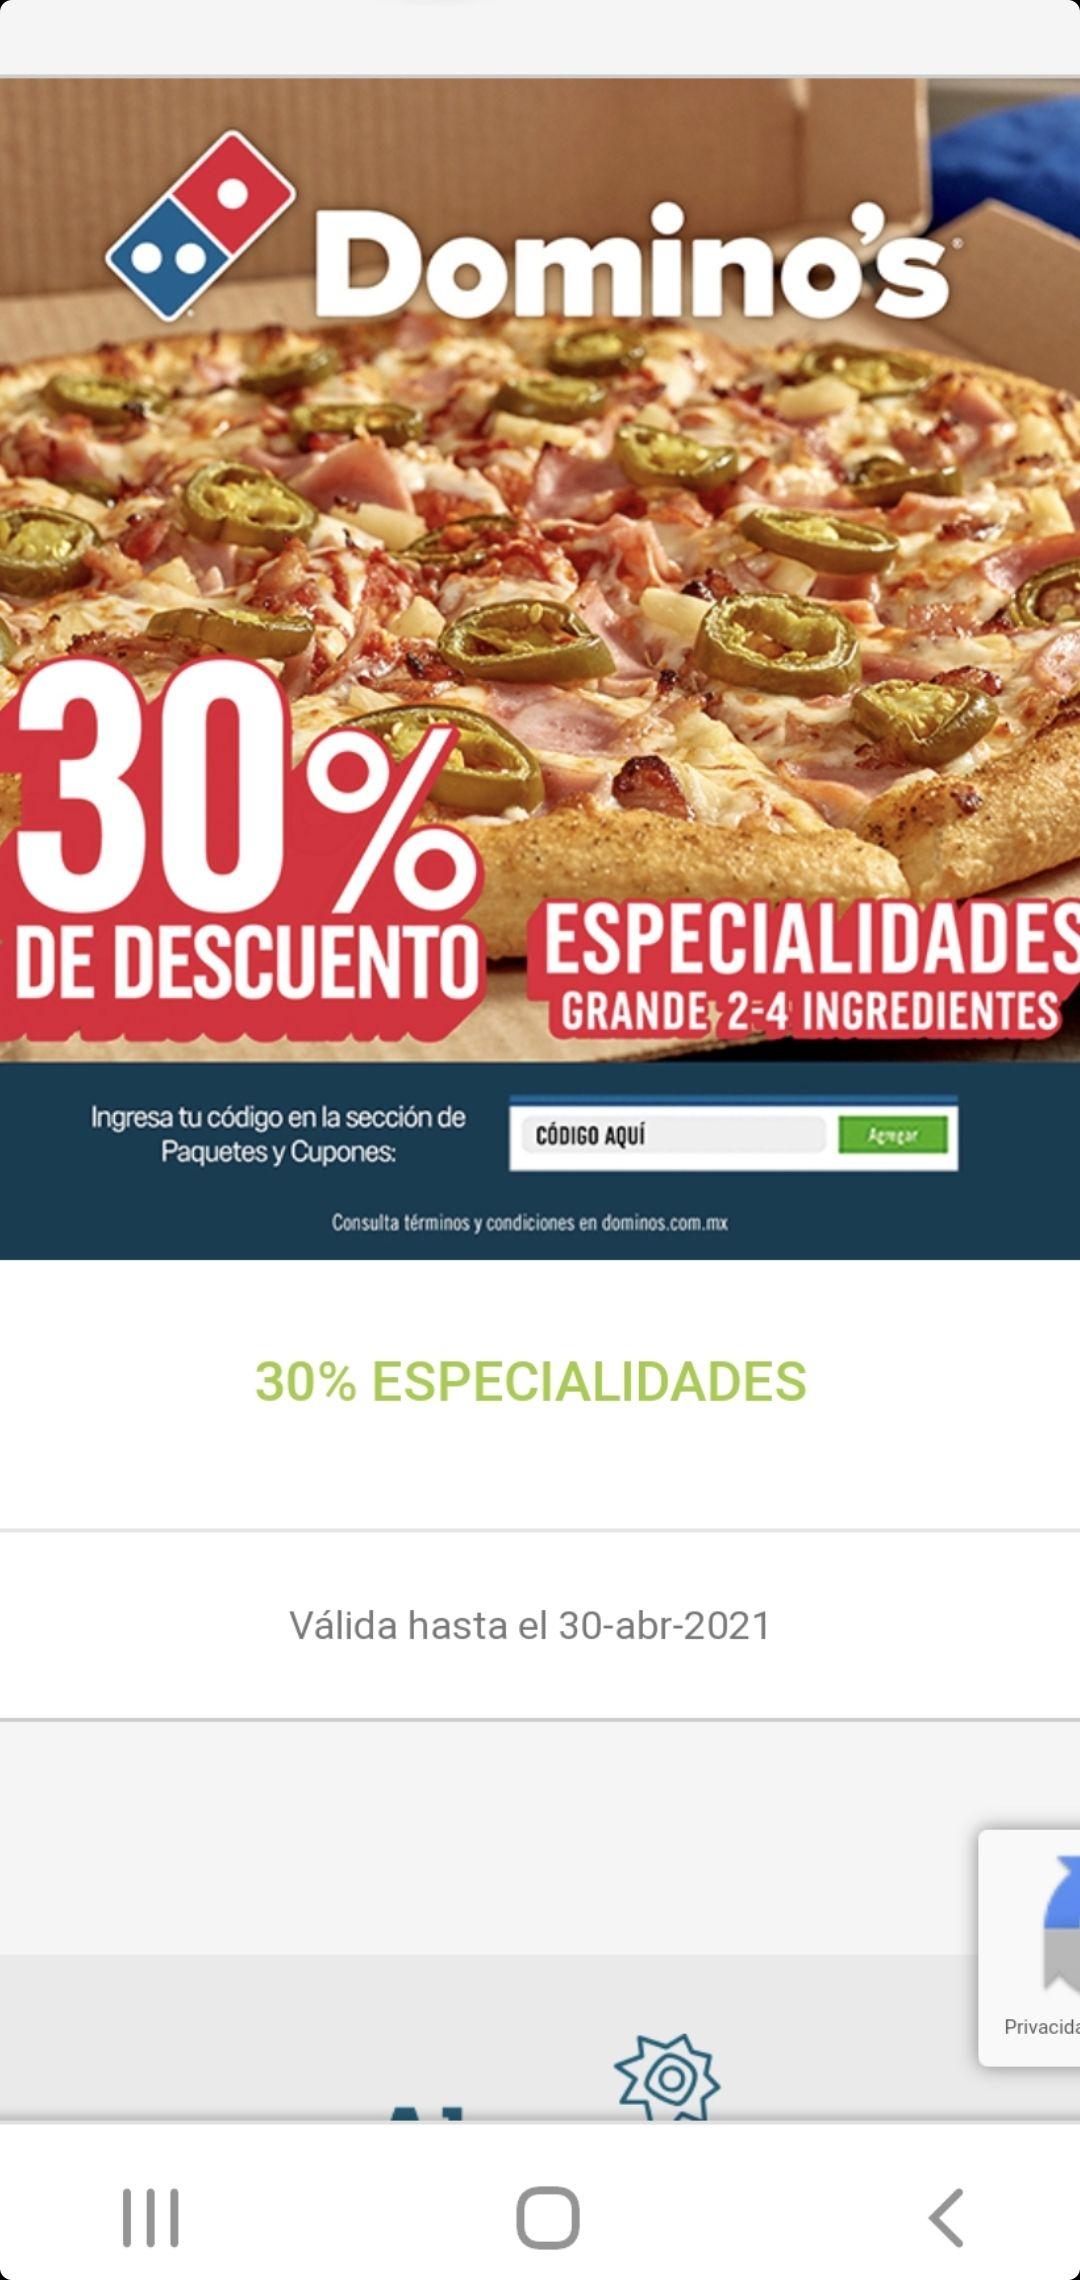 DOMINOS PIZZA 30% DE DESCUENTO PIZZA GRANDE ESPECIALIDADES 2-4 INGREDIENTES (CUPON ALSEA)